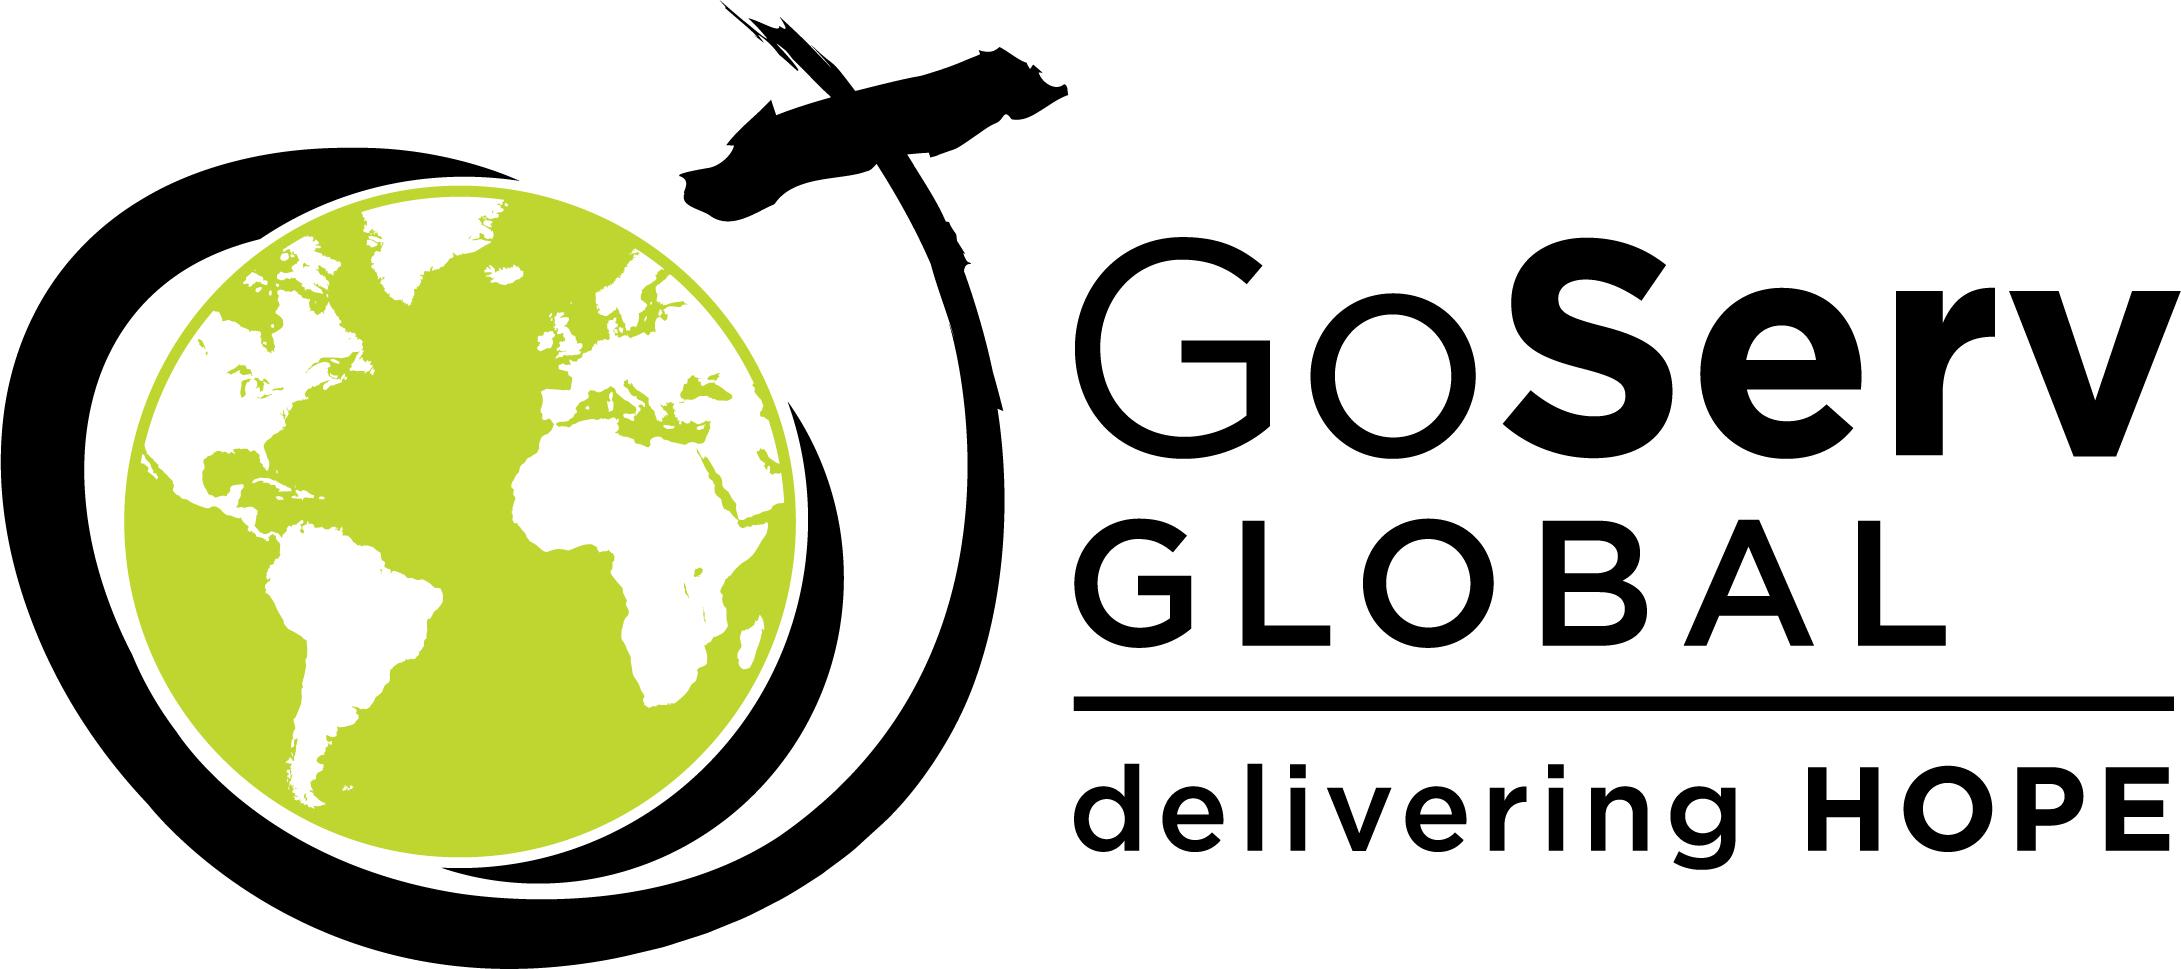 Goserv global logo color.original